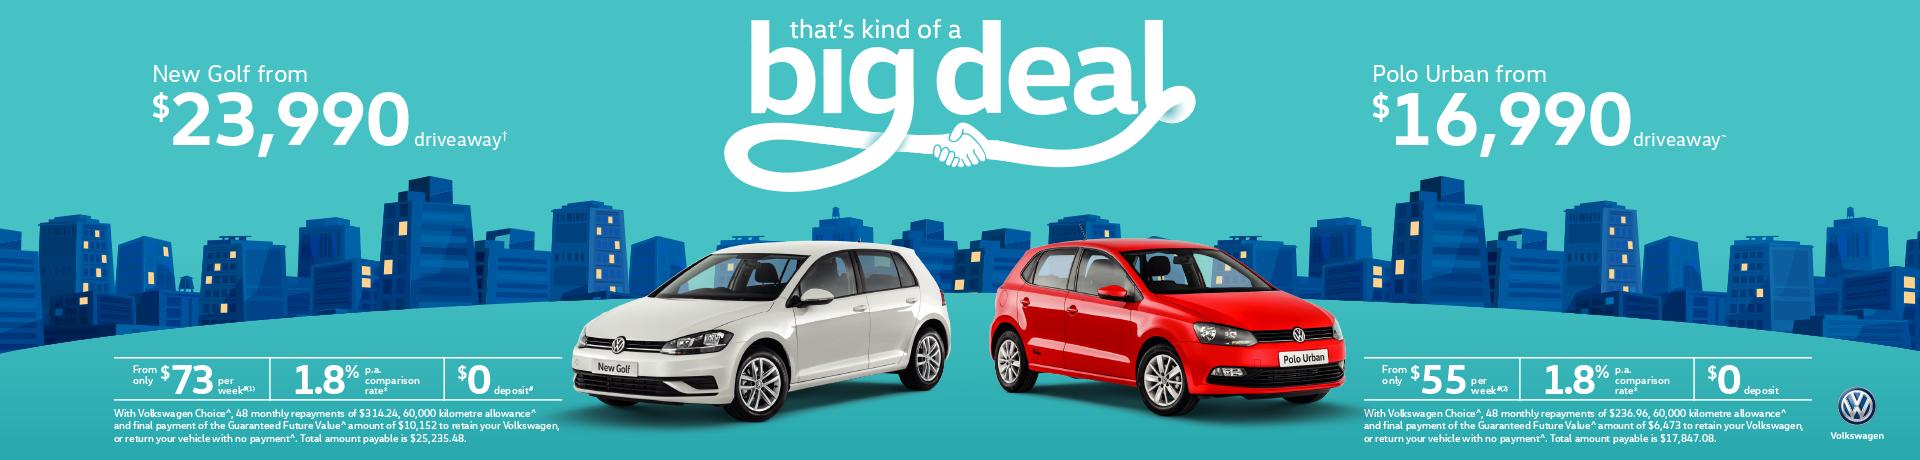 Volkswagen - National Offer -  It's kind of a big deal